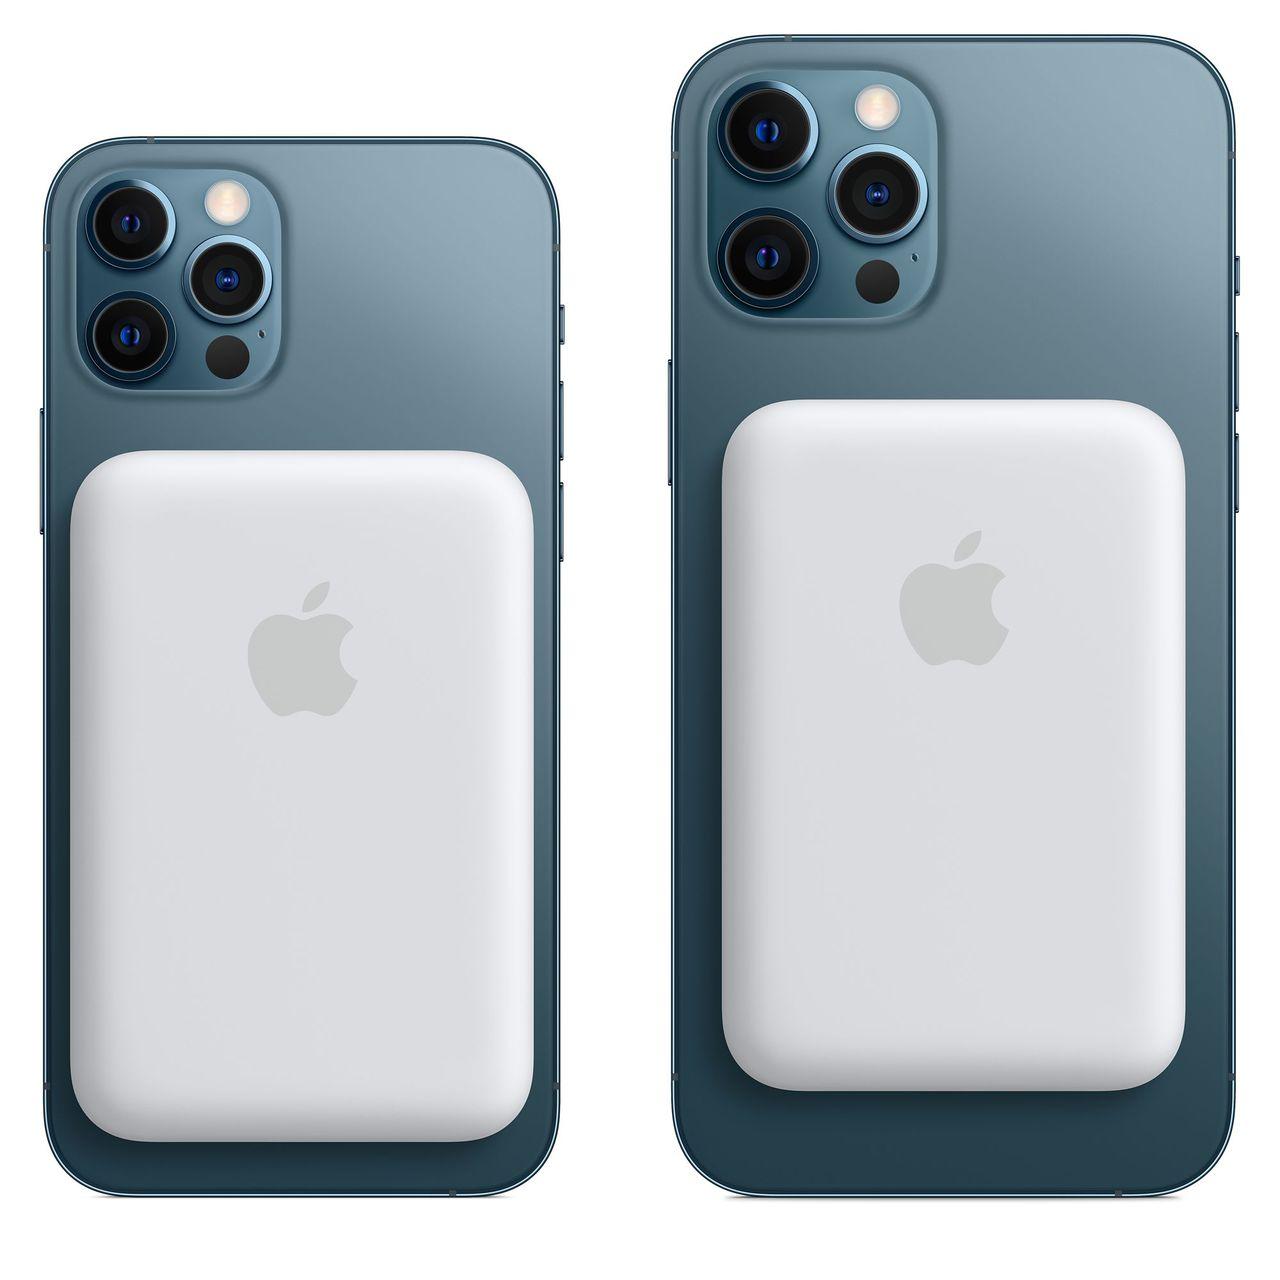 Apple släpper MagSafe-batteri till iPhone 12